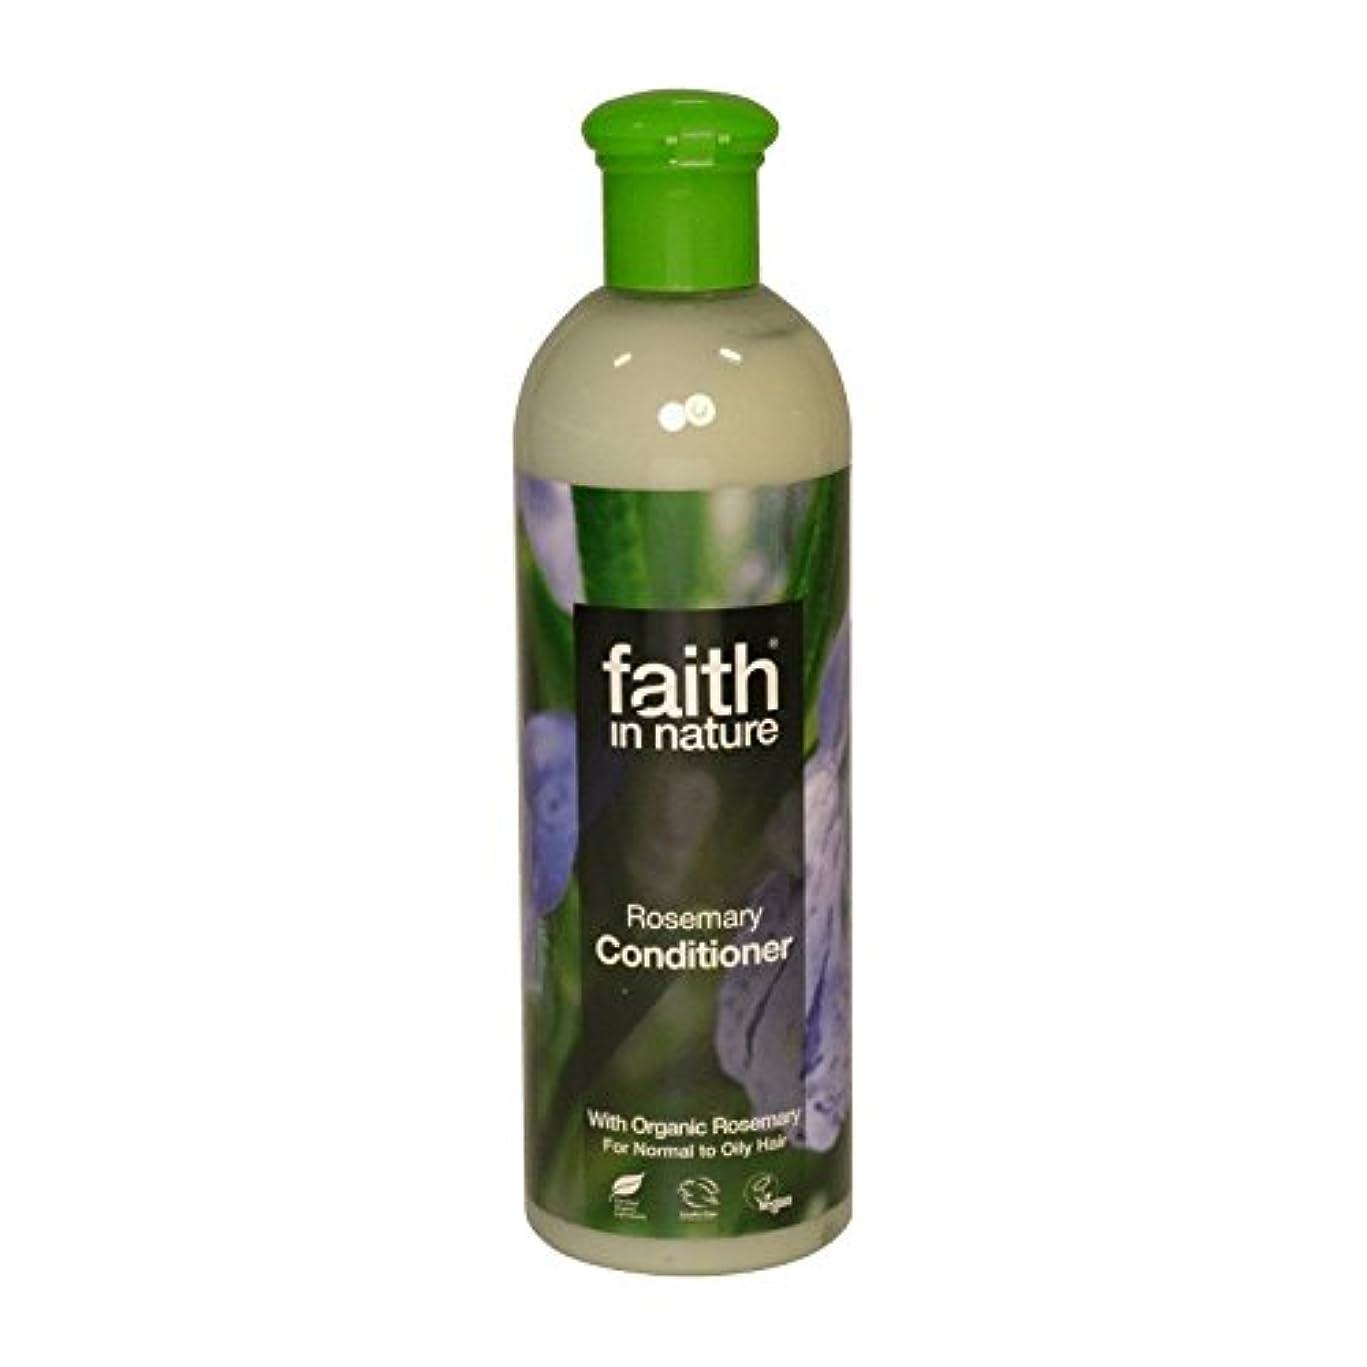 急性歯痛鳥Faith in Nature Rosemary Conditioner 400ml (Pack of 2) - 自然ローズマリーコンディショナー400ミリリットルの信仰 (x2) [並行輸入品]